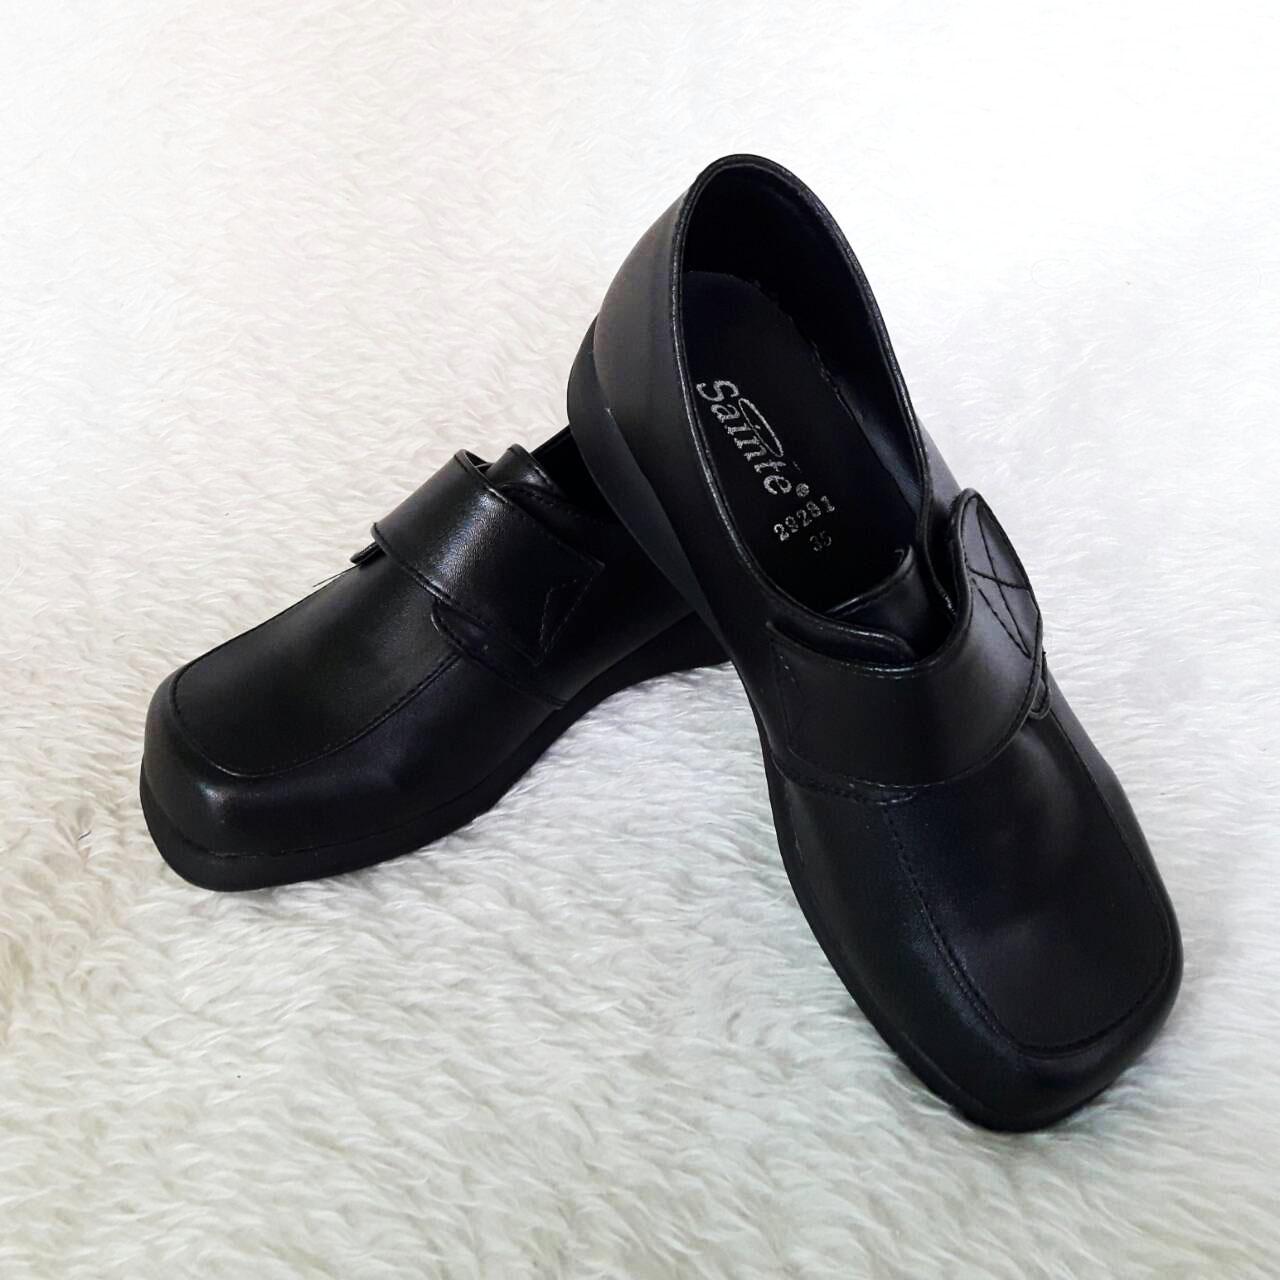 Sainte รองเท้าเด็กสีดำ เทปเมจิก หน้าตัดเก๋ๆ